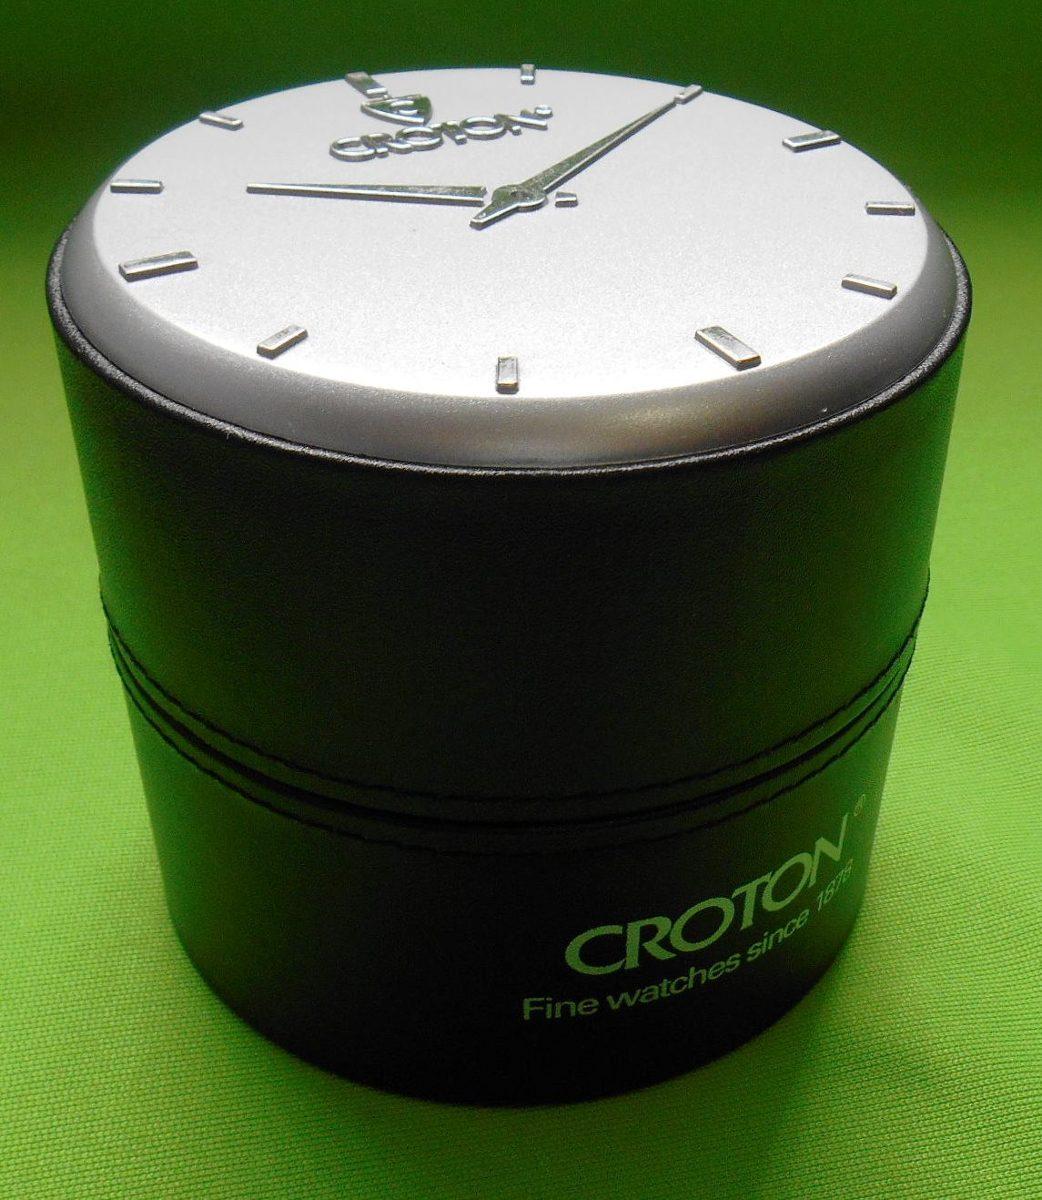 Estuche Original Para Reloj Croton Fotos Reales Hm4